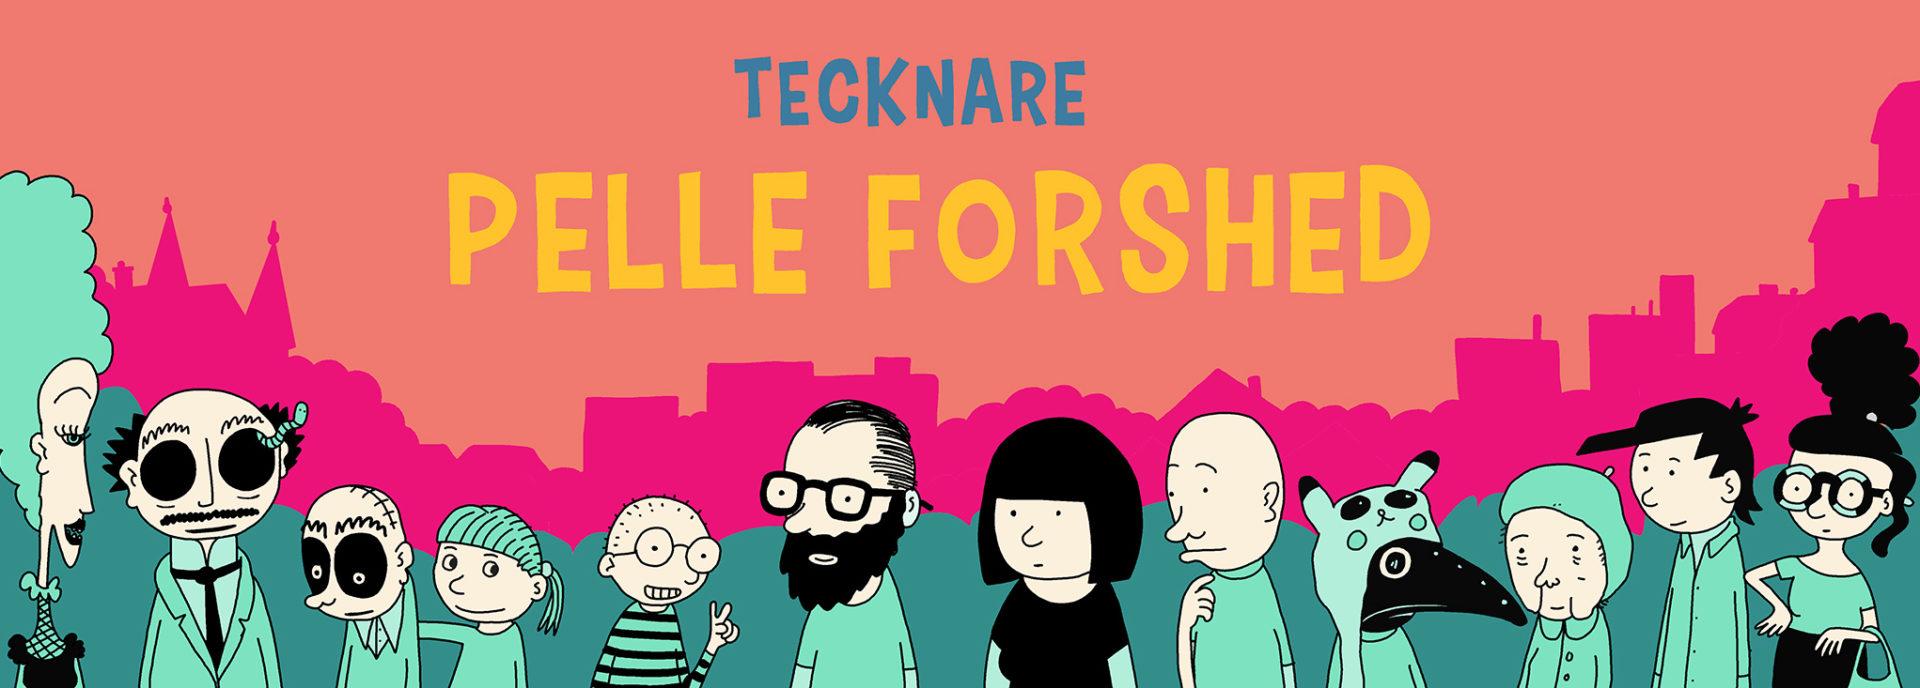 Tecknare Pelle Forshed